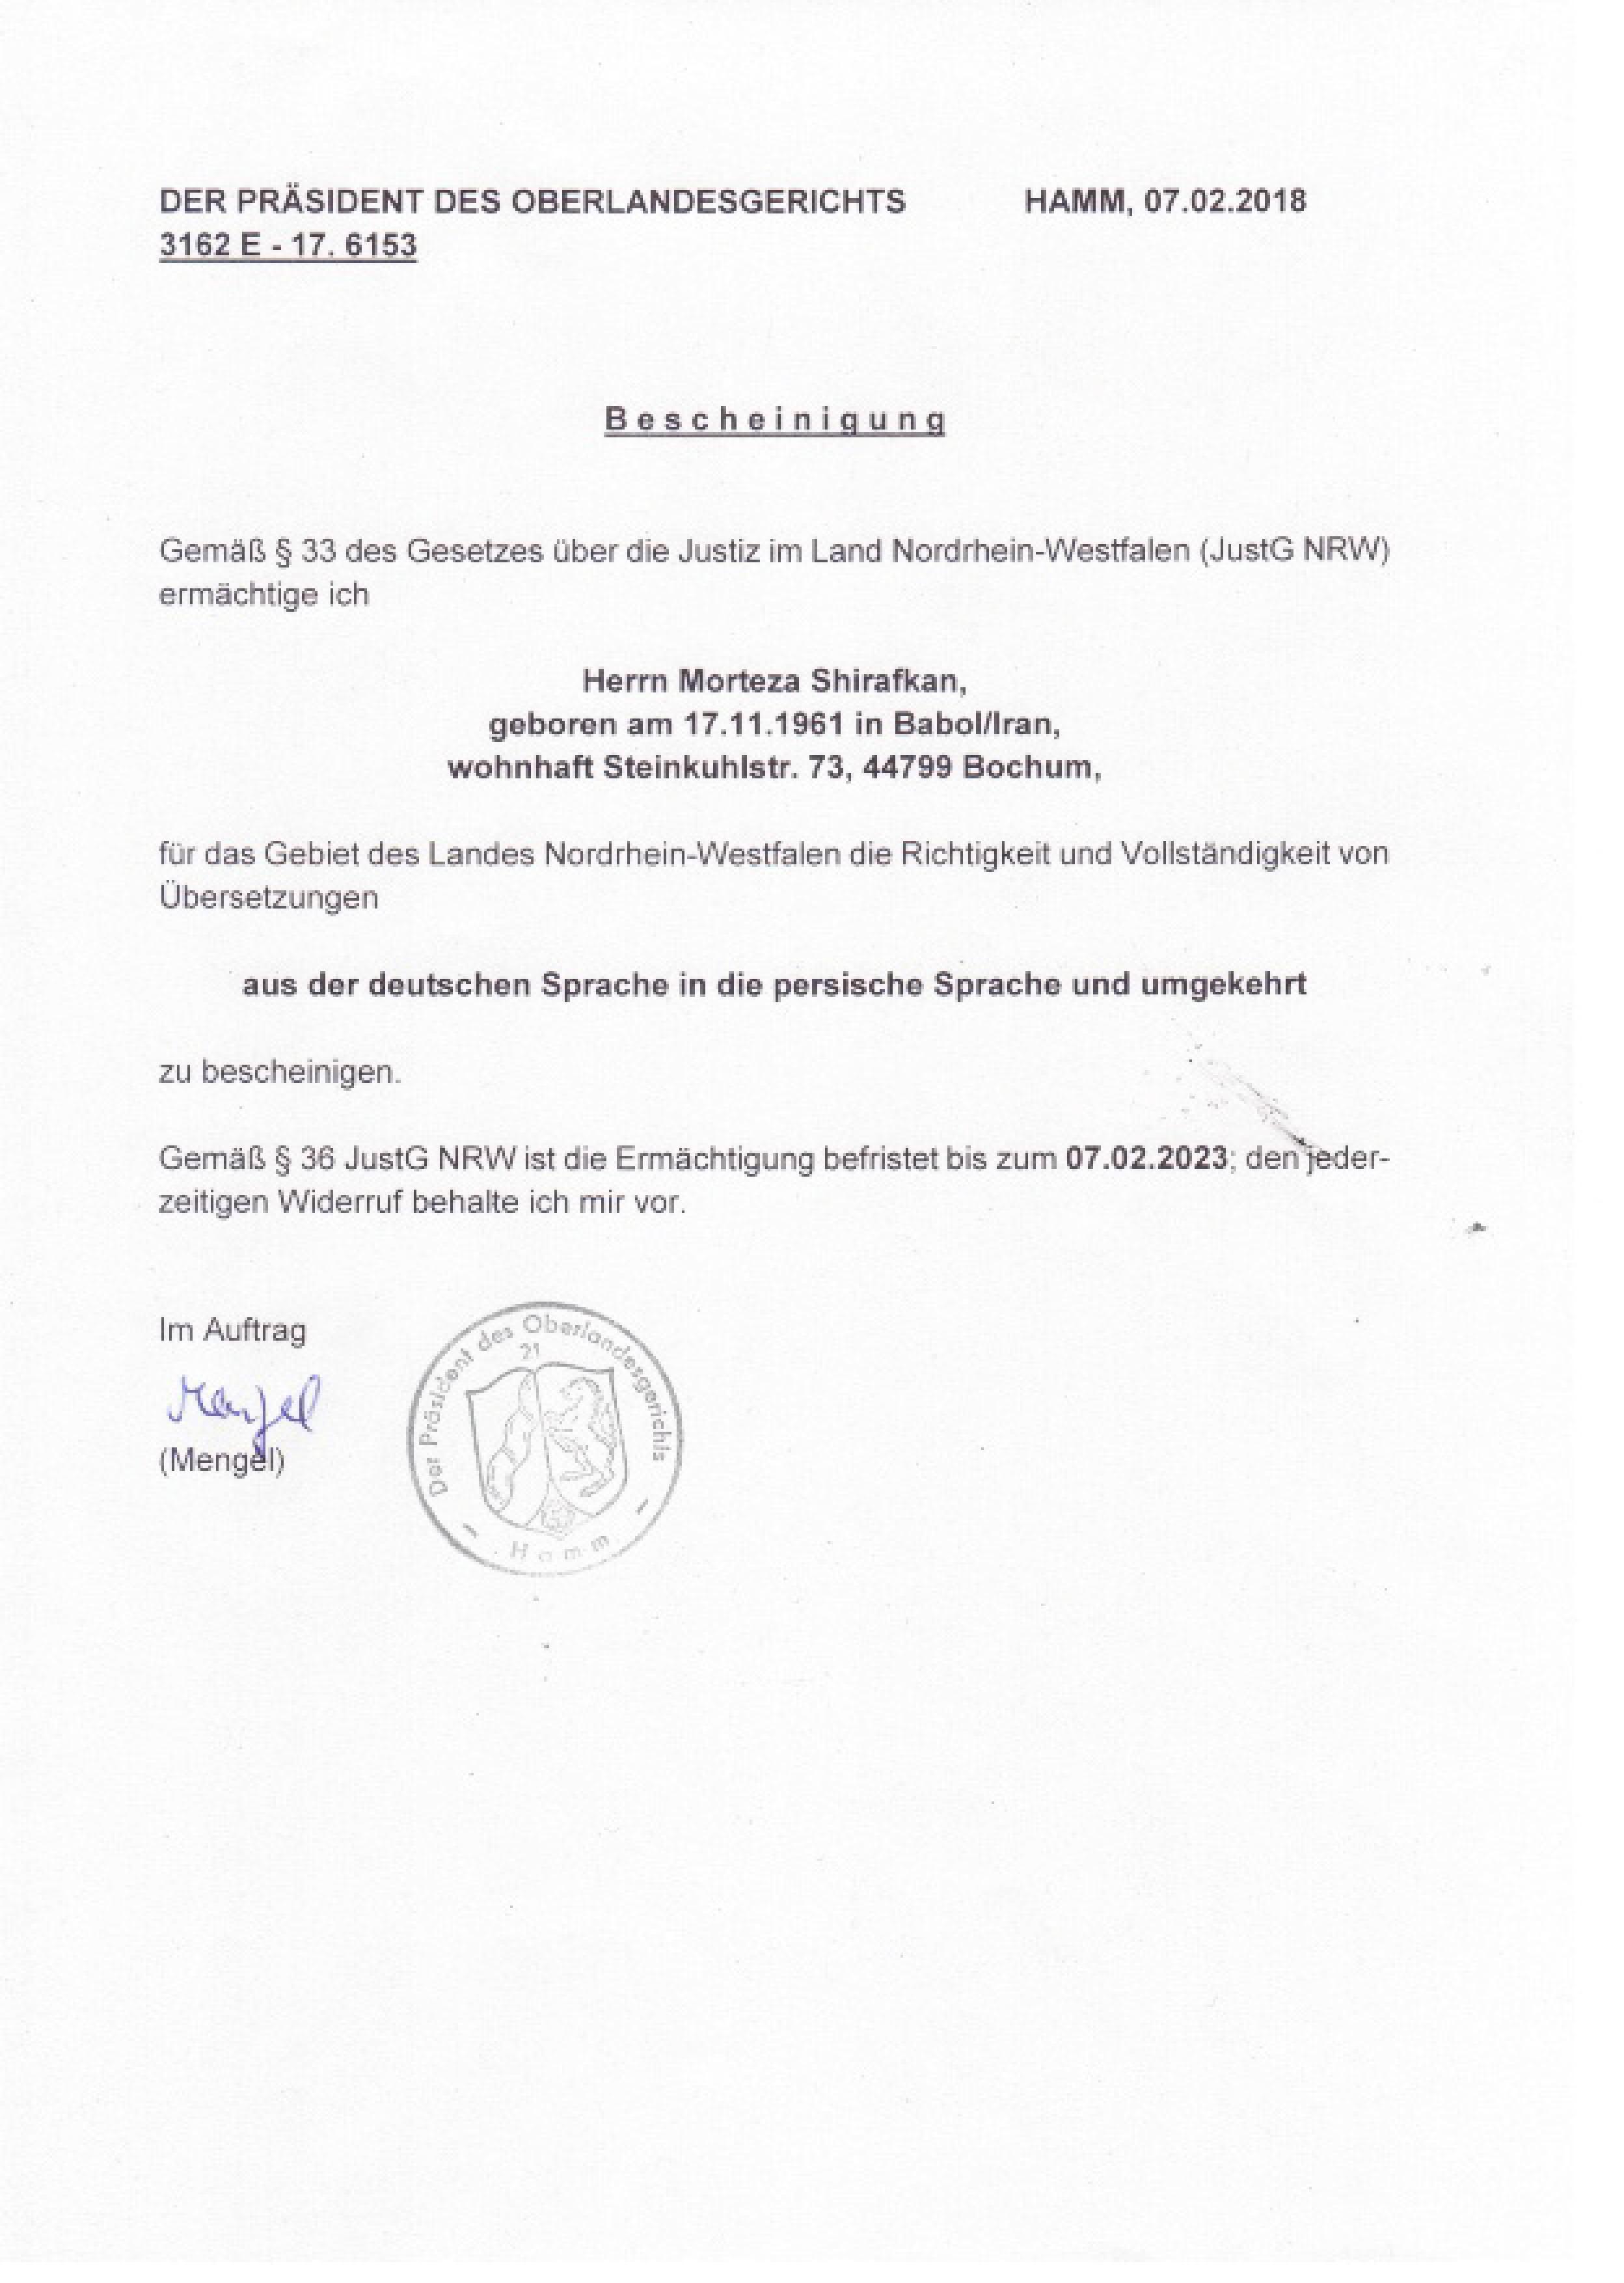 Bescheinigung vom LG Bochum als ermächtigter Übersetzer